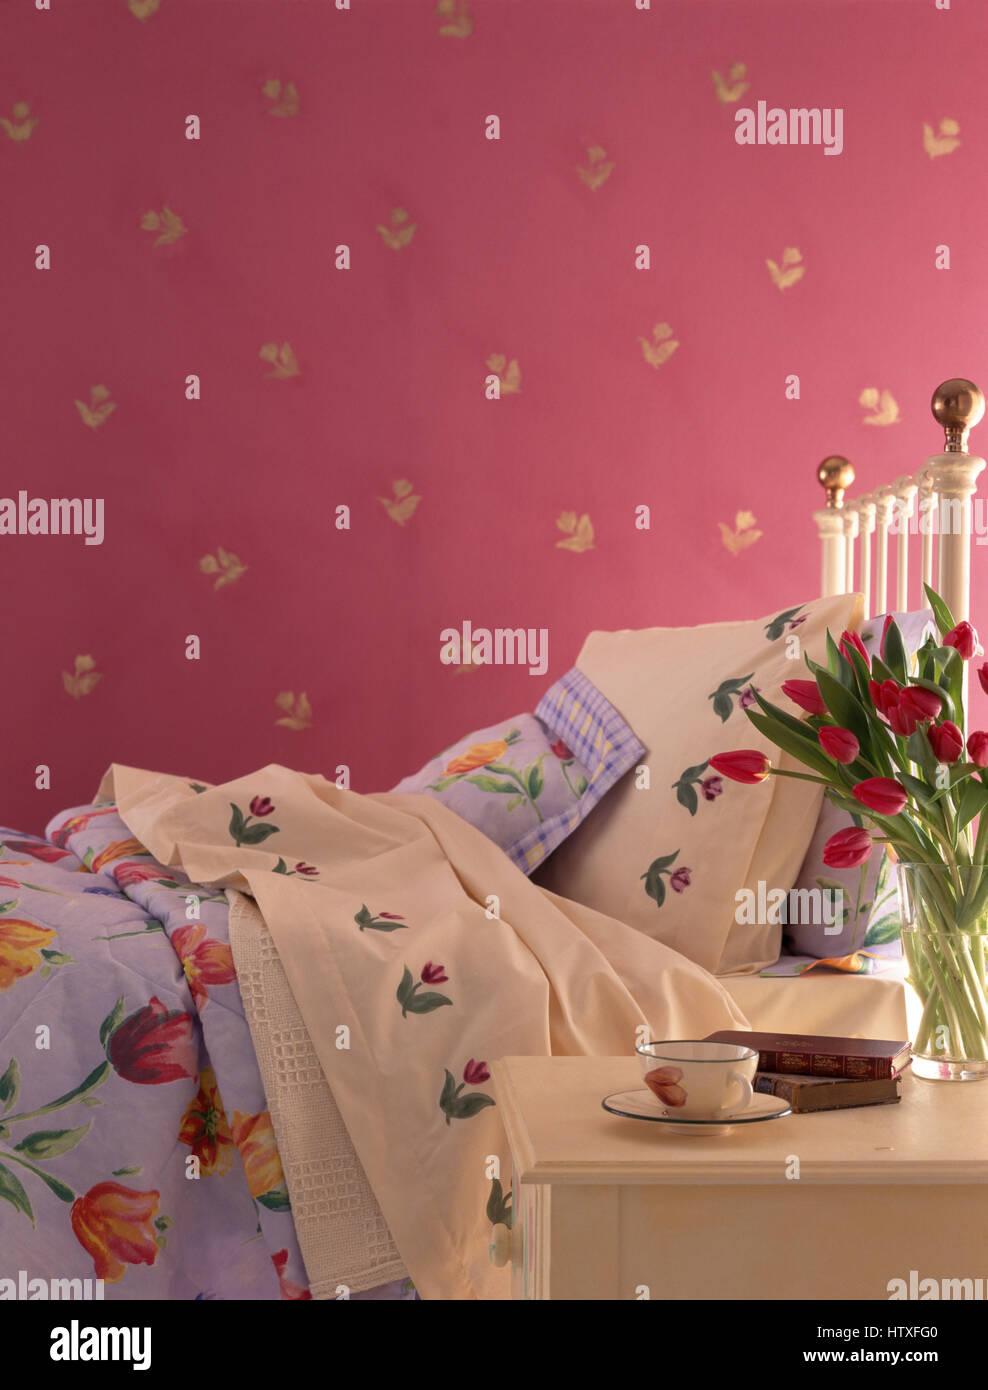 Tulpe Unter Dem Motto Bettwasche Auf Messing Bett In Einem Rosa